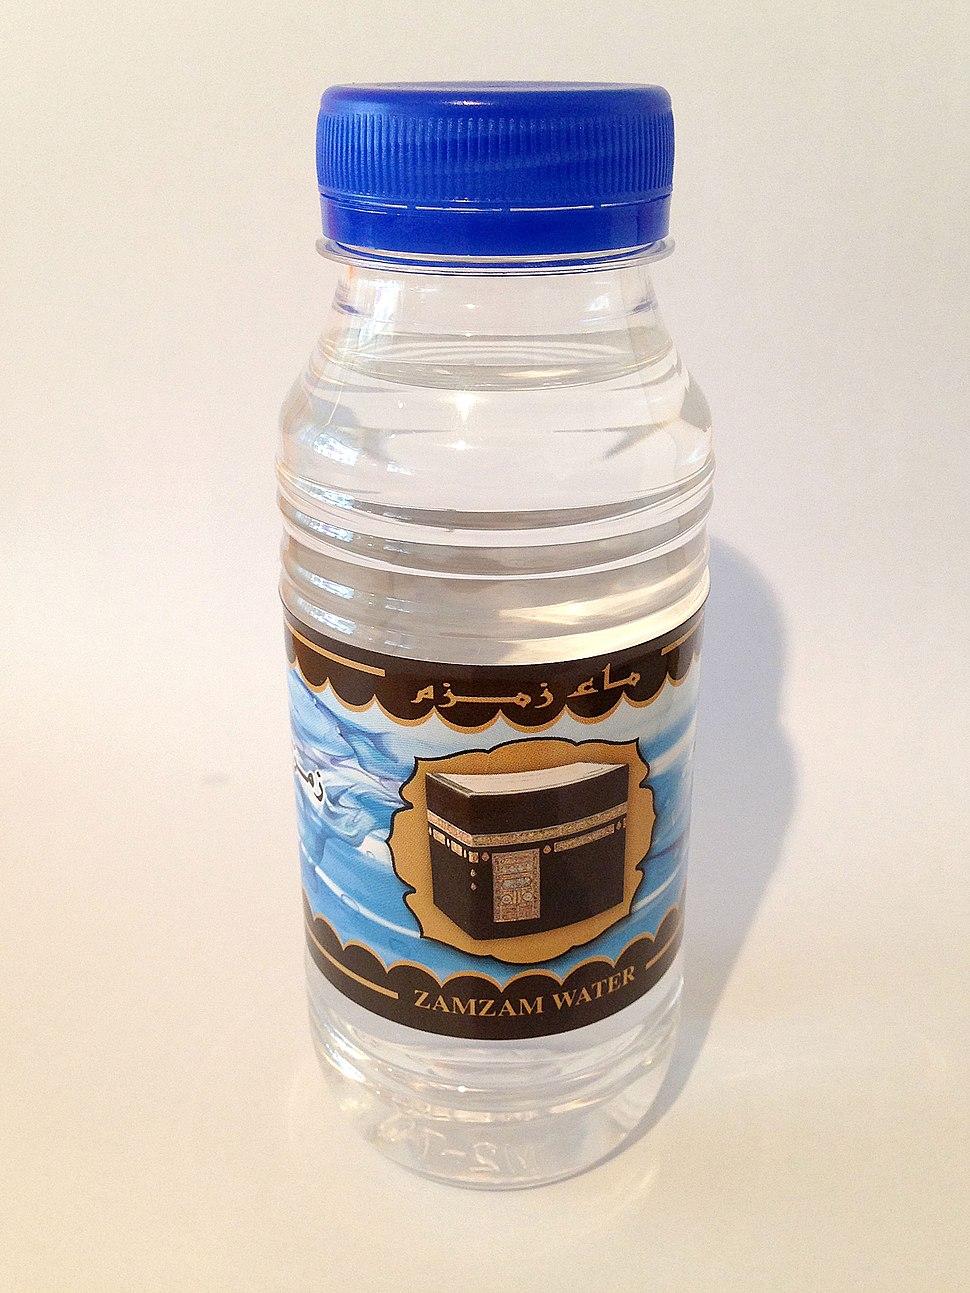 Zamzam bottle